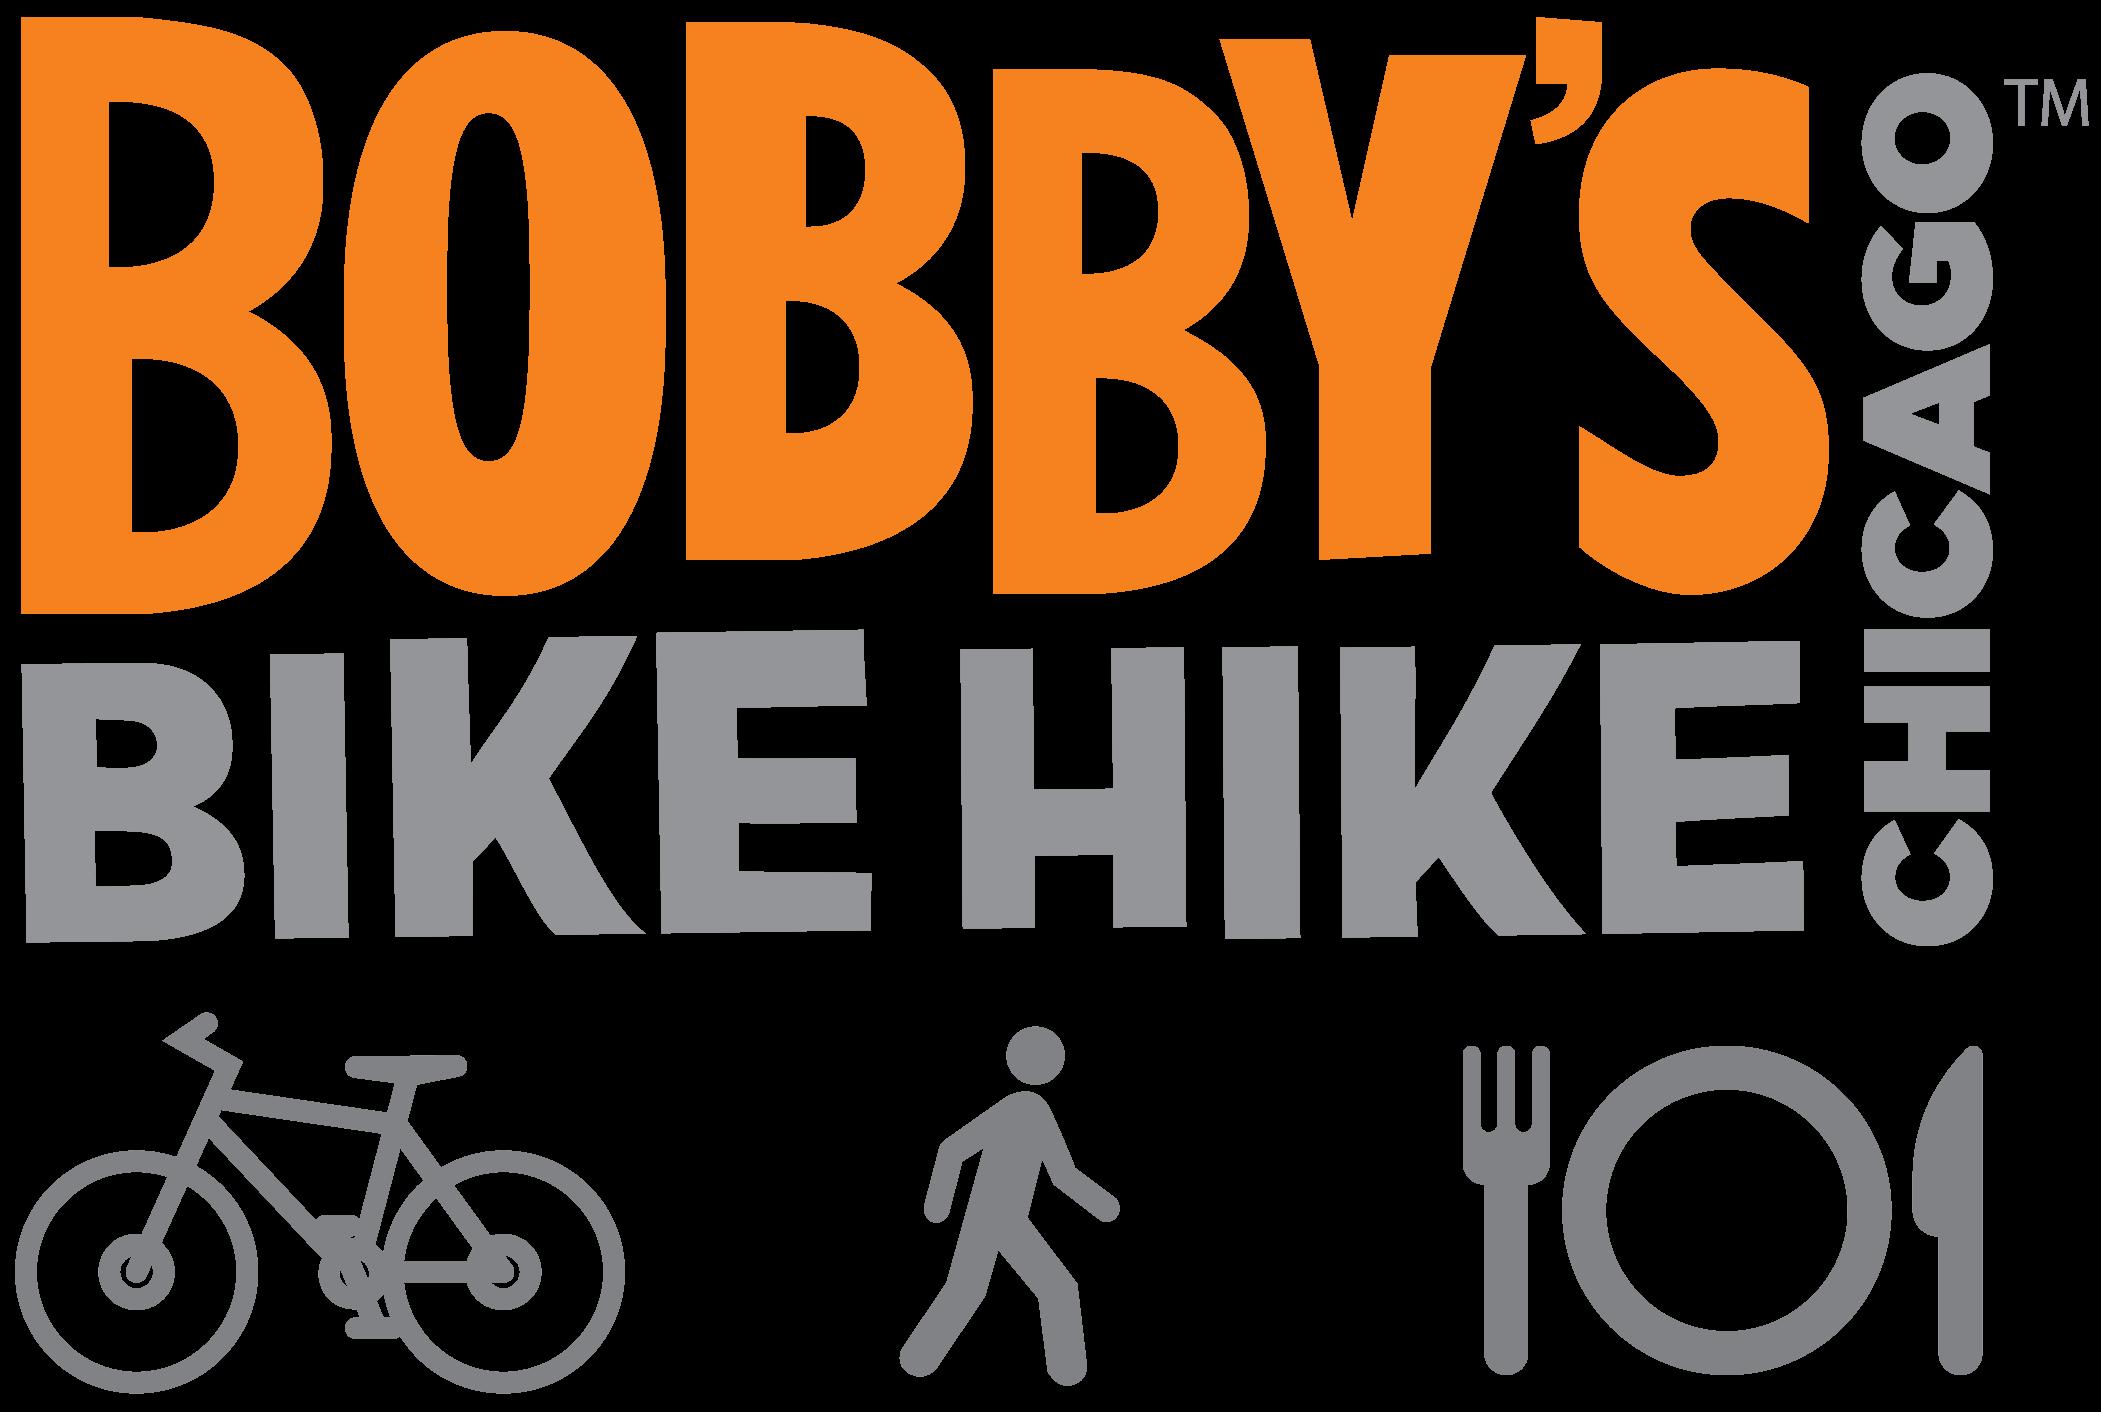 http://https://www.bobbysbikehike.com